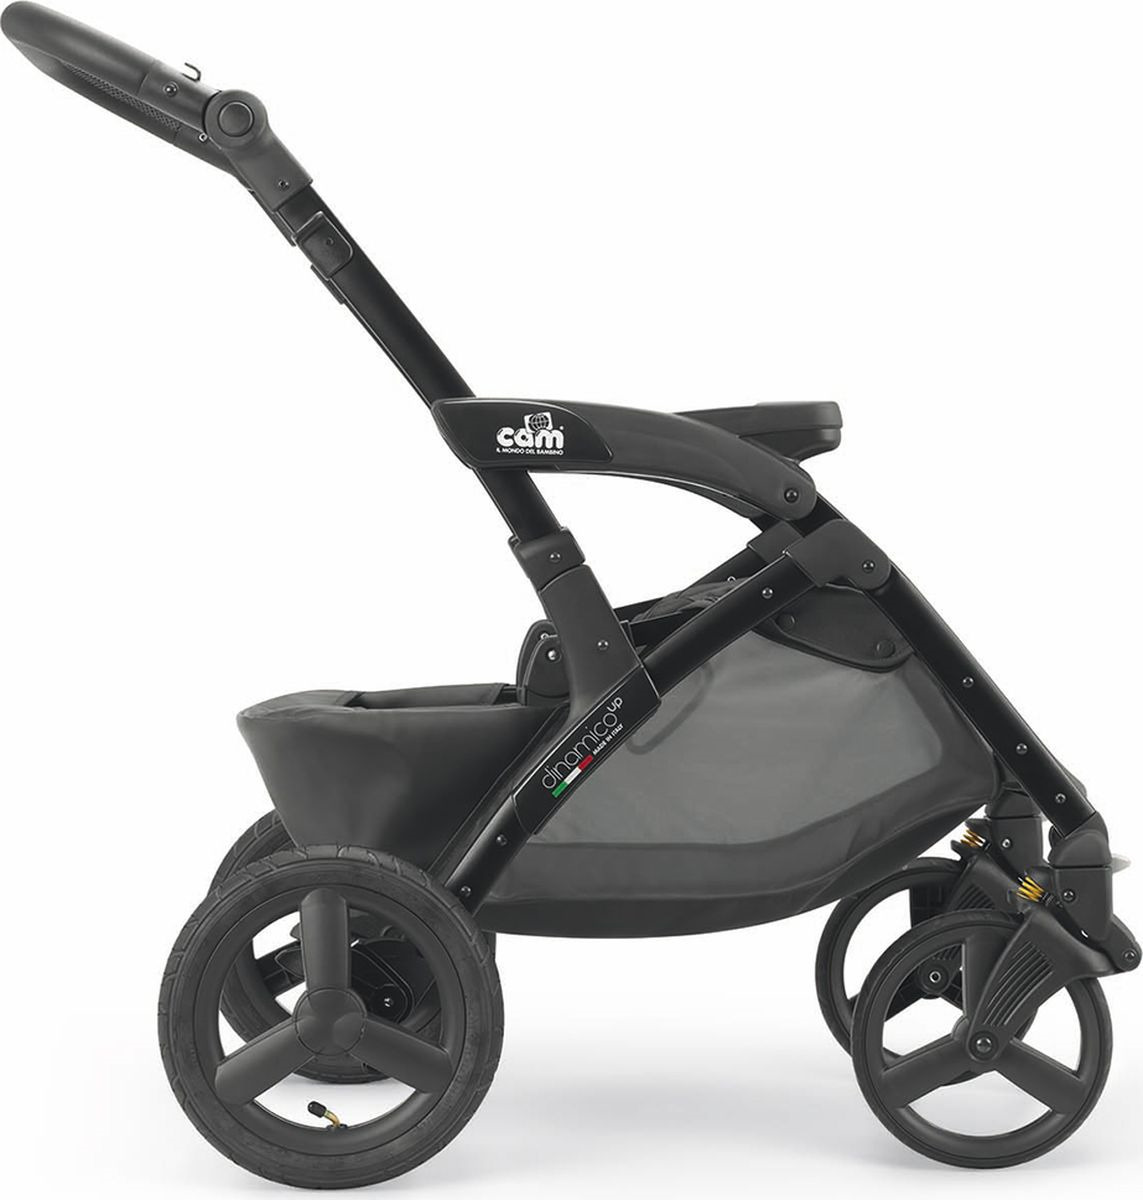 Шасси к коляске Cam Dinamico Up, 897T/V90, черный